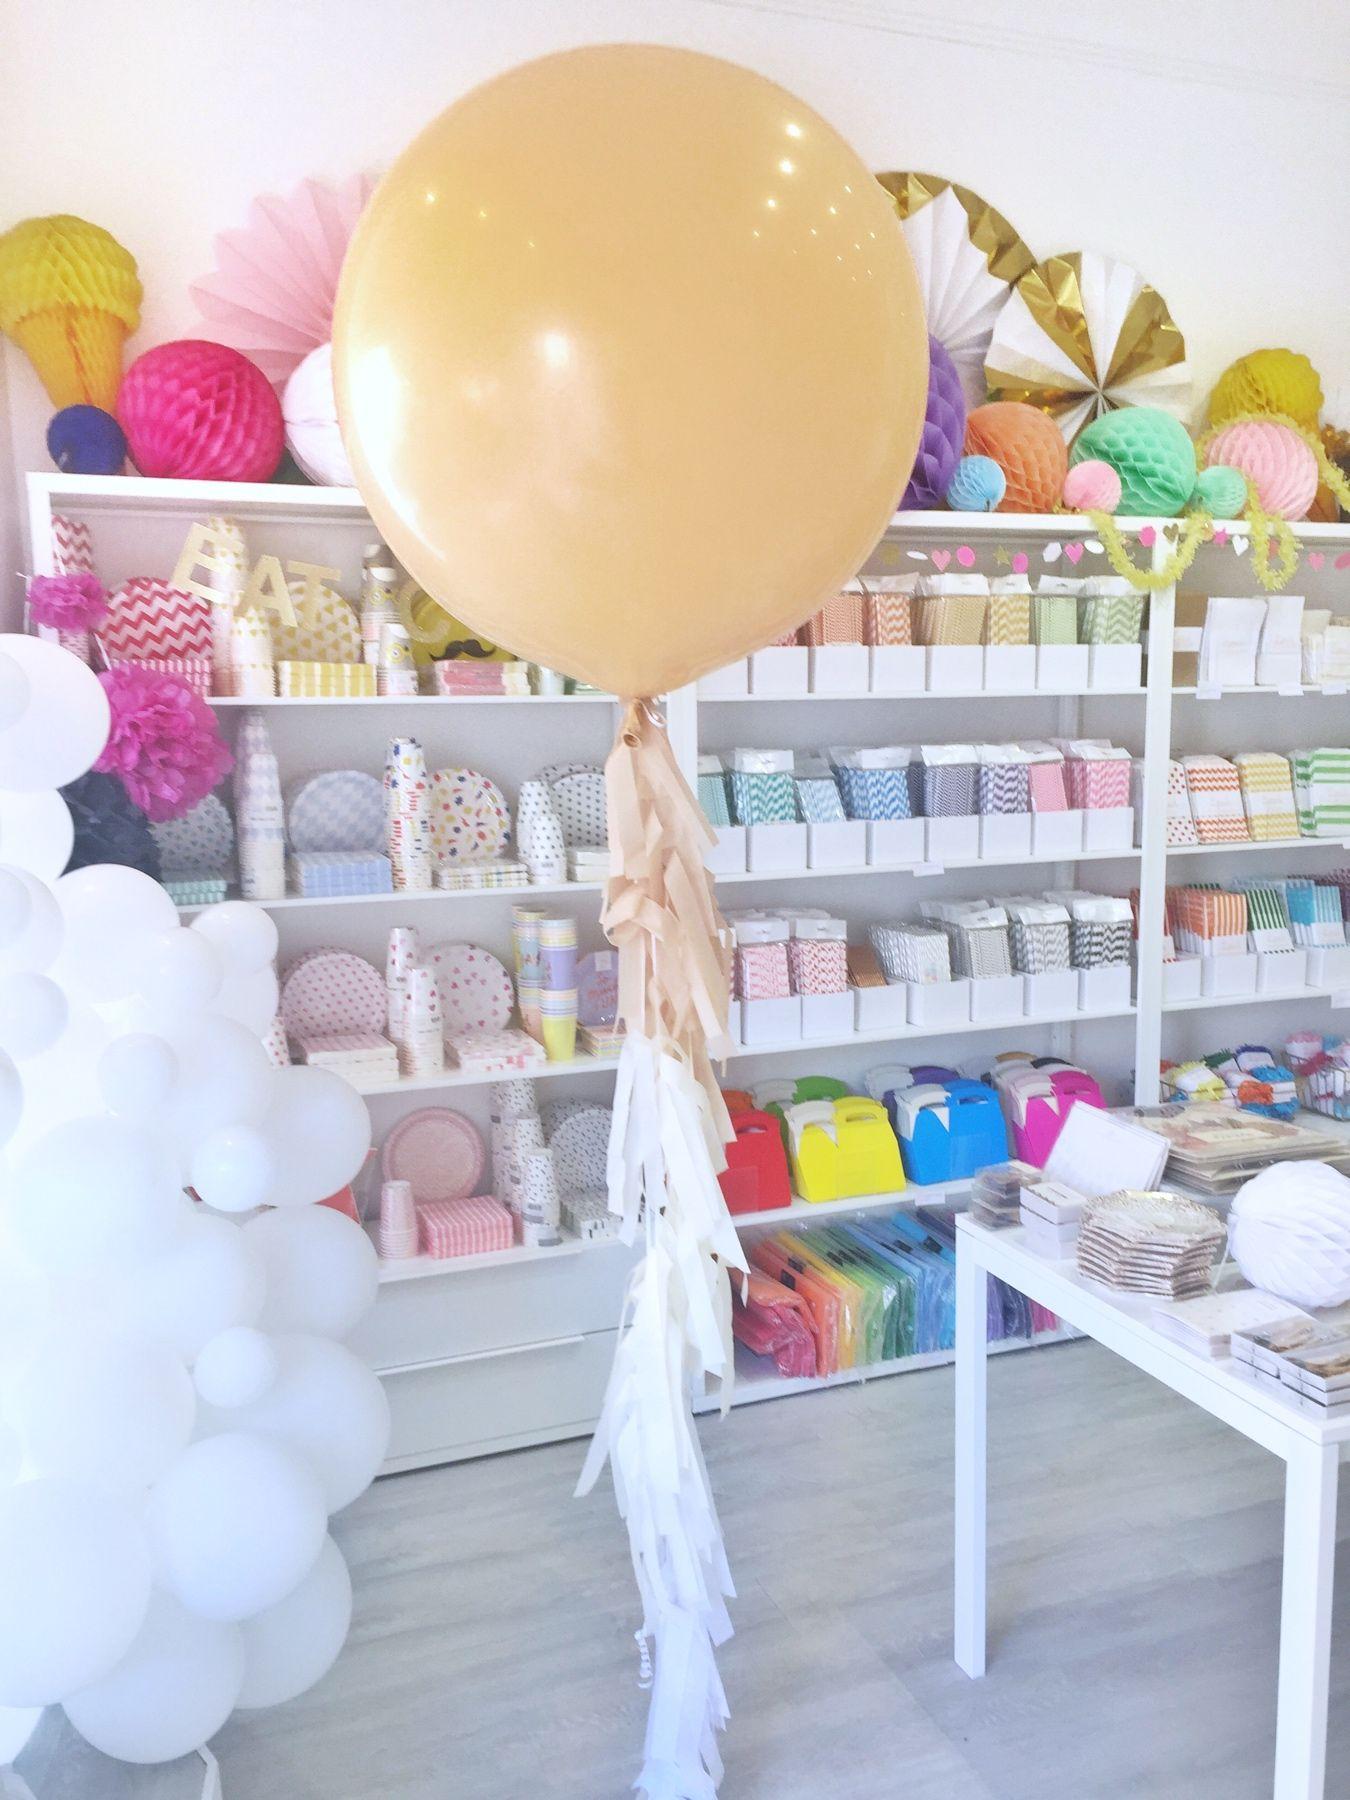 blush-and-white-giant-wedding-balloon.jpg